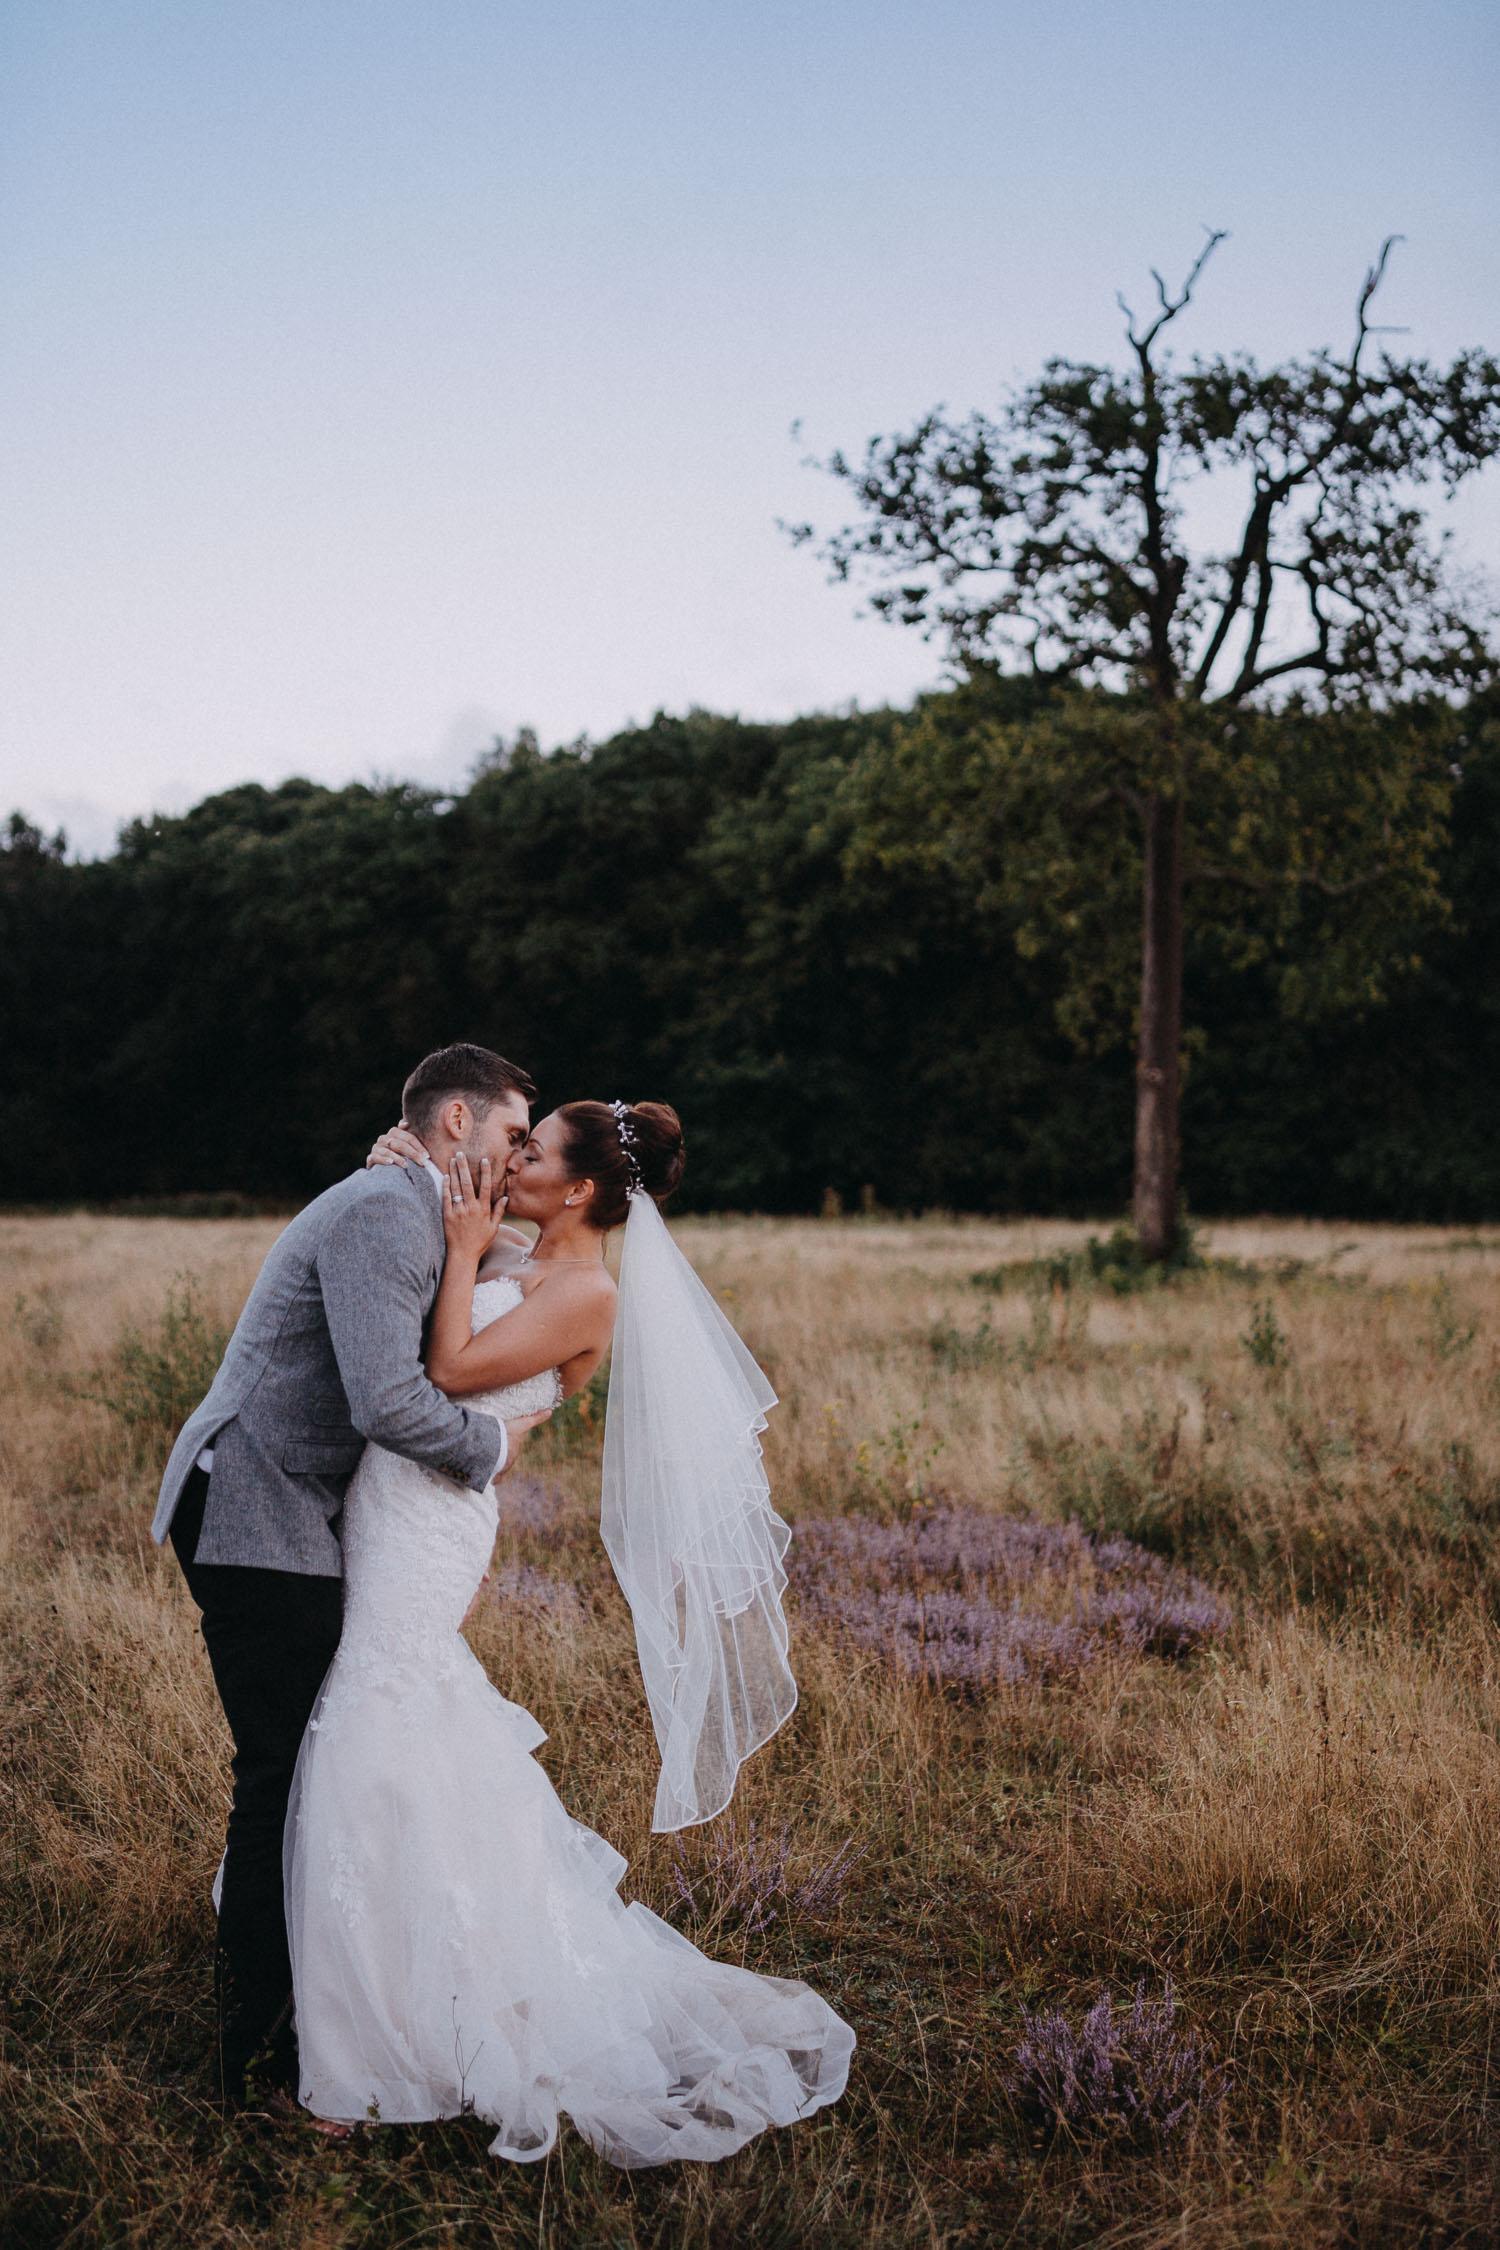 Wedding Portrait in Kent, UK